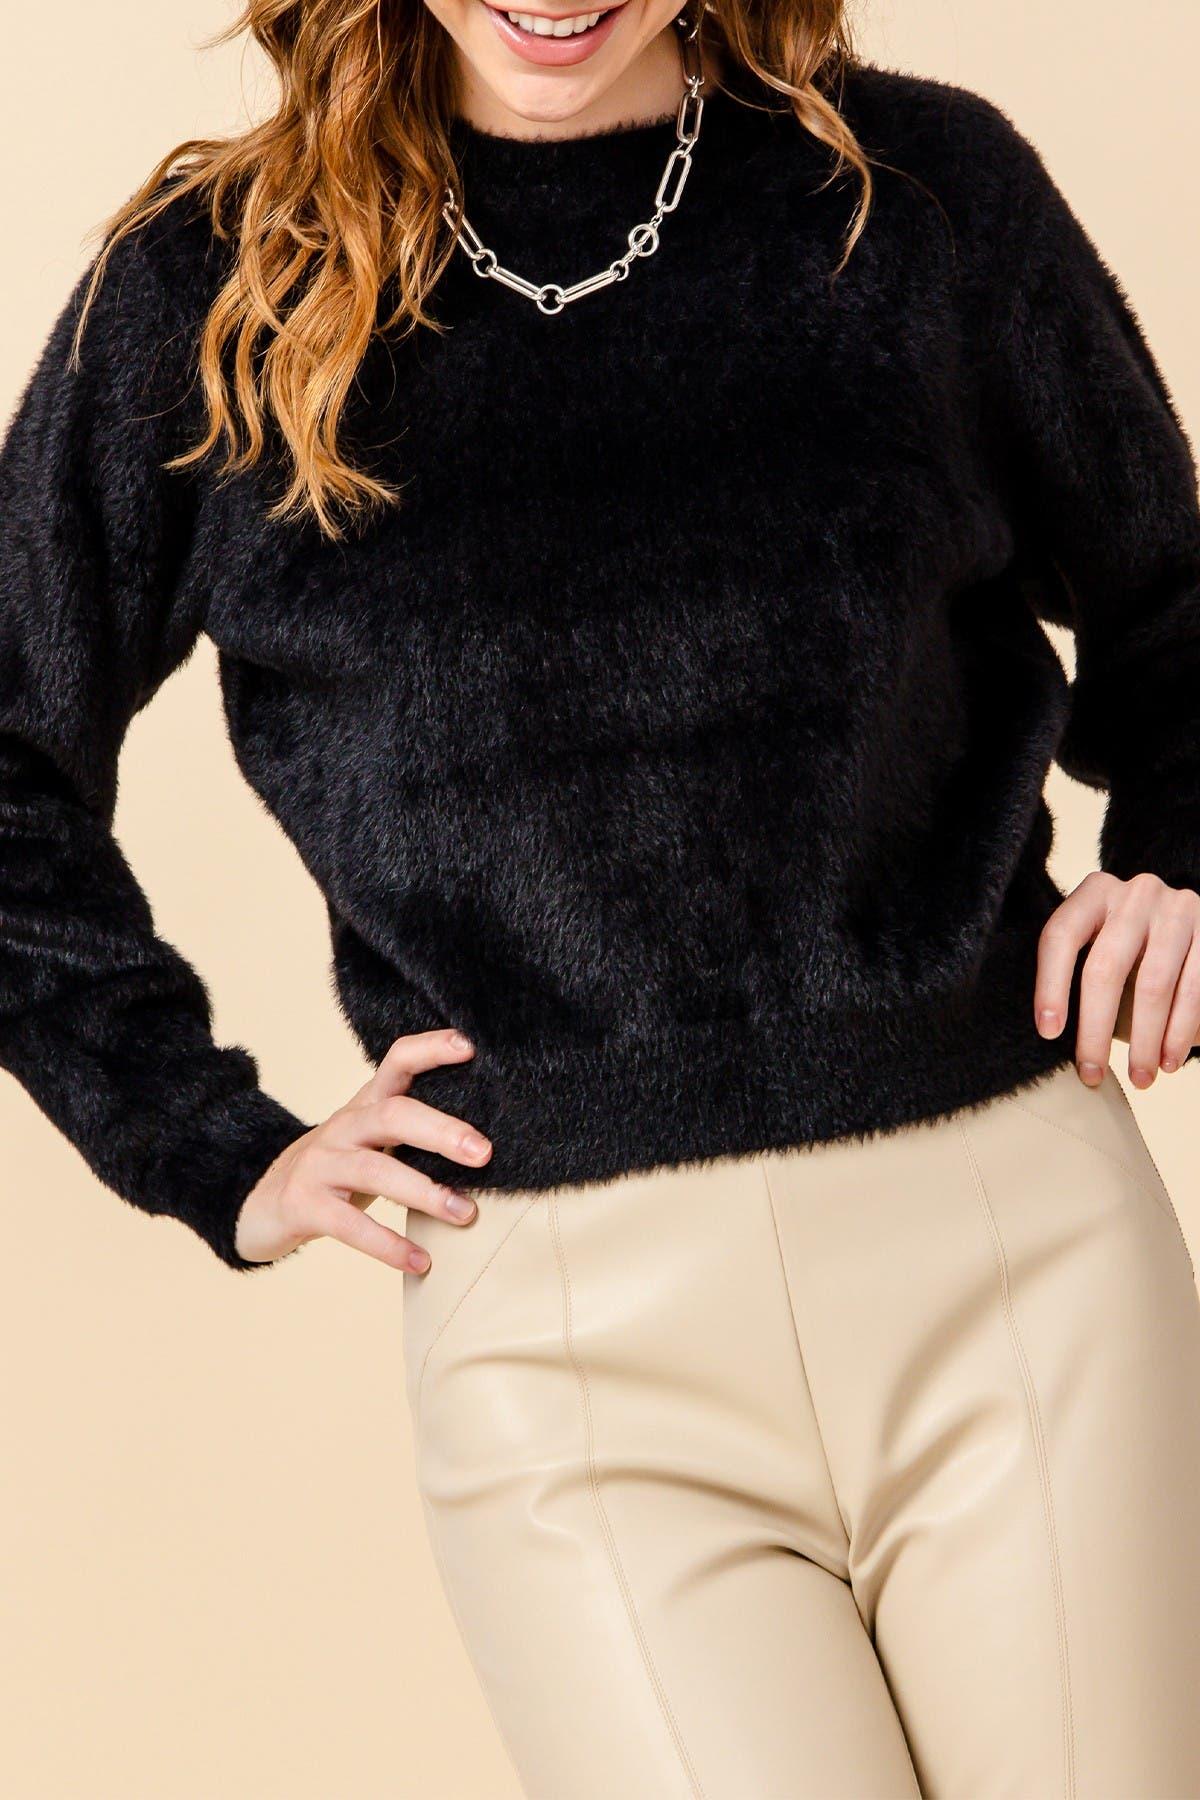 Image of Double Zero Fuzzy Crew Neck Long Sleeve Sweater